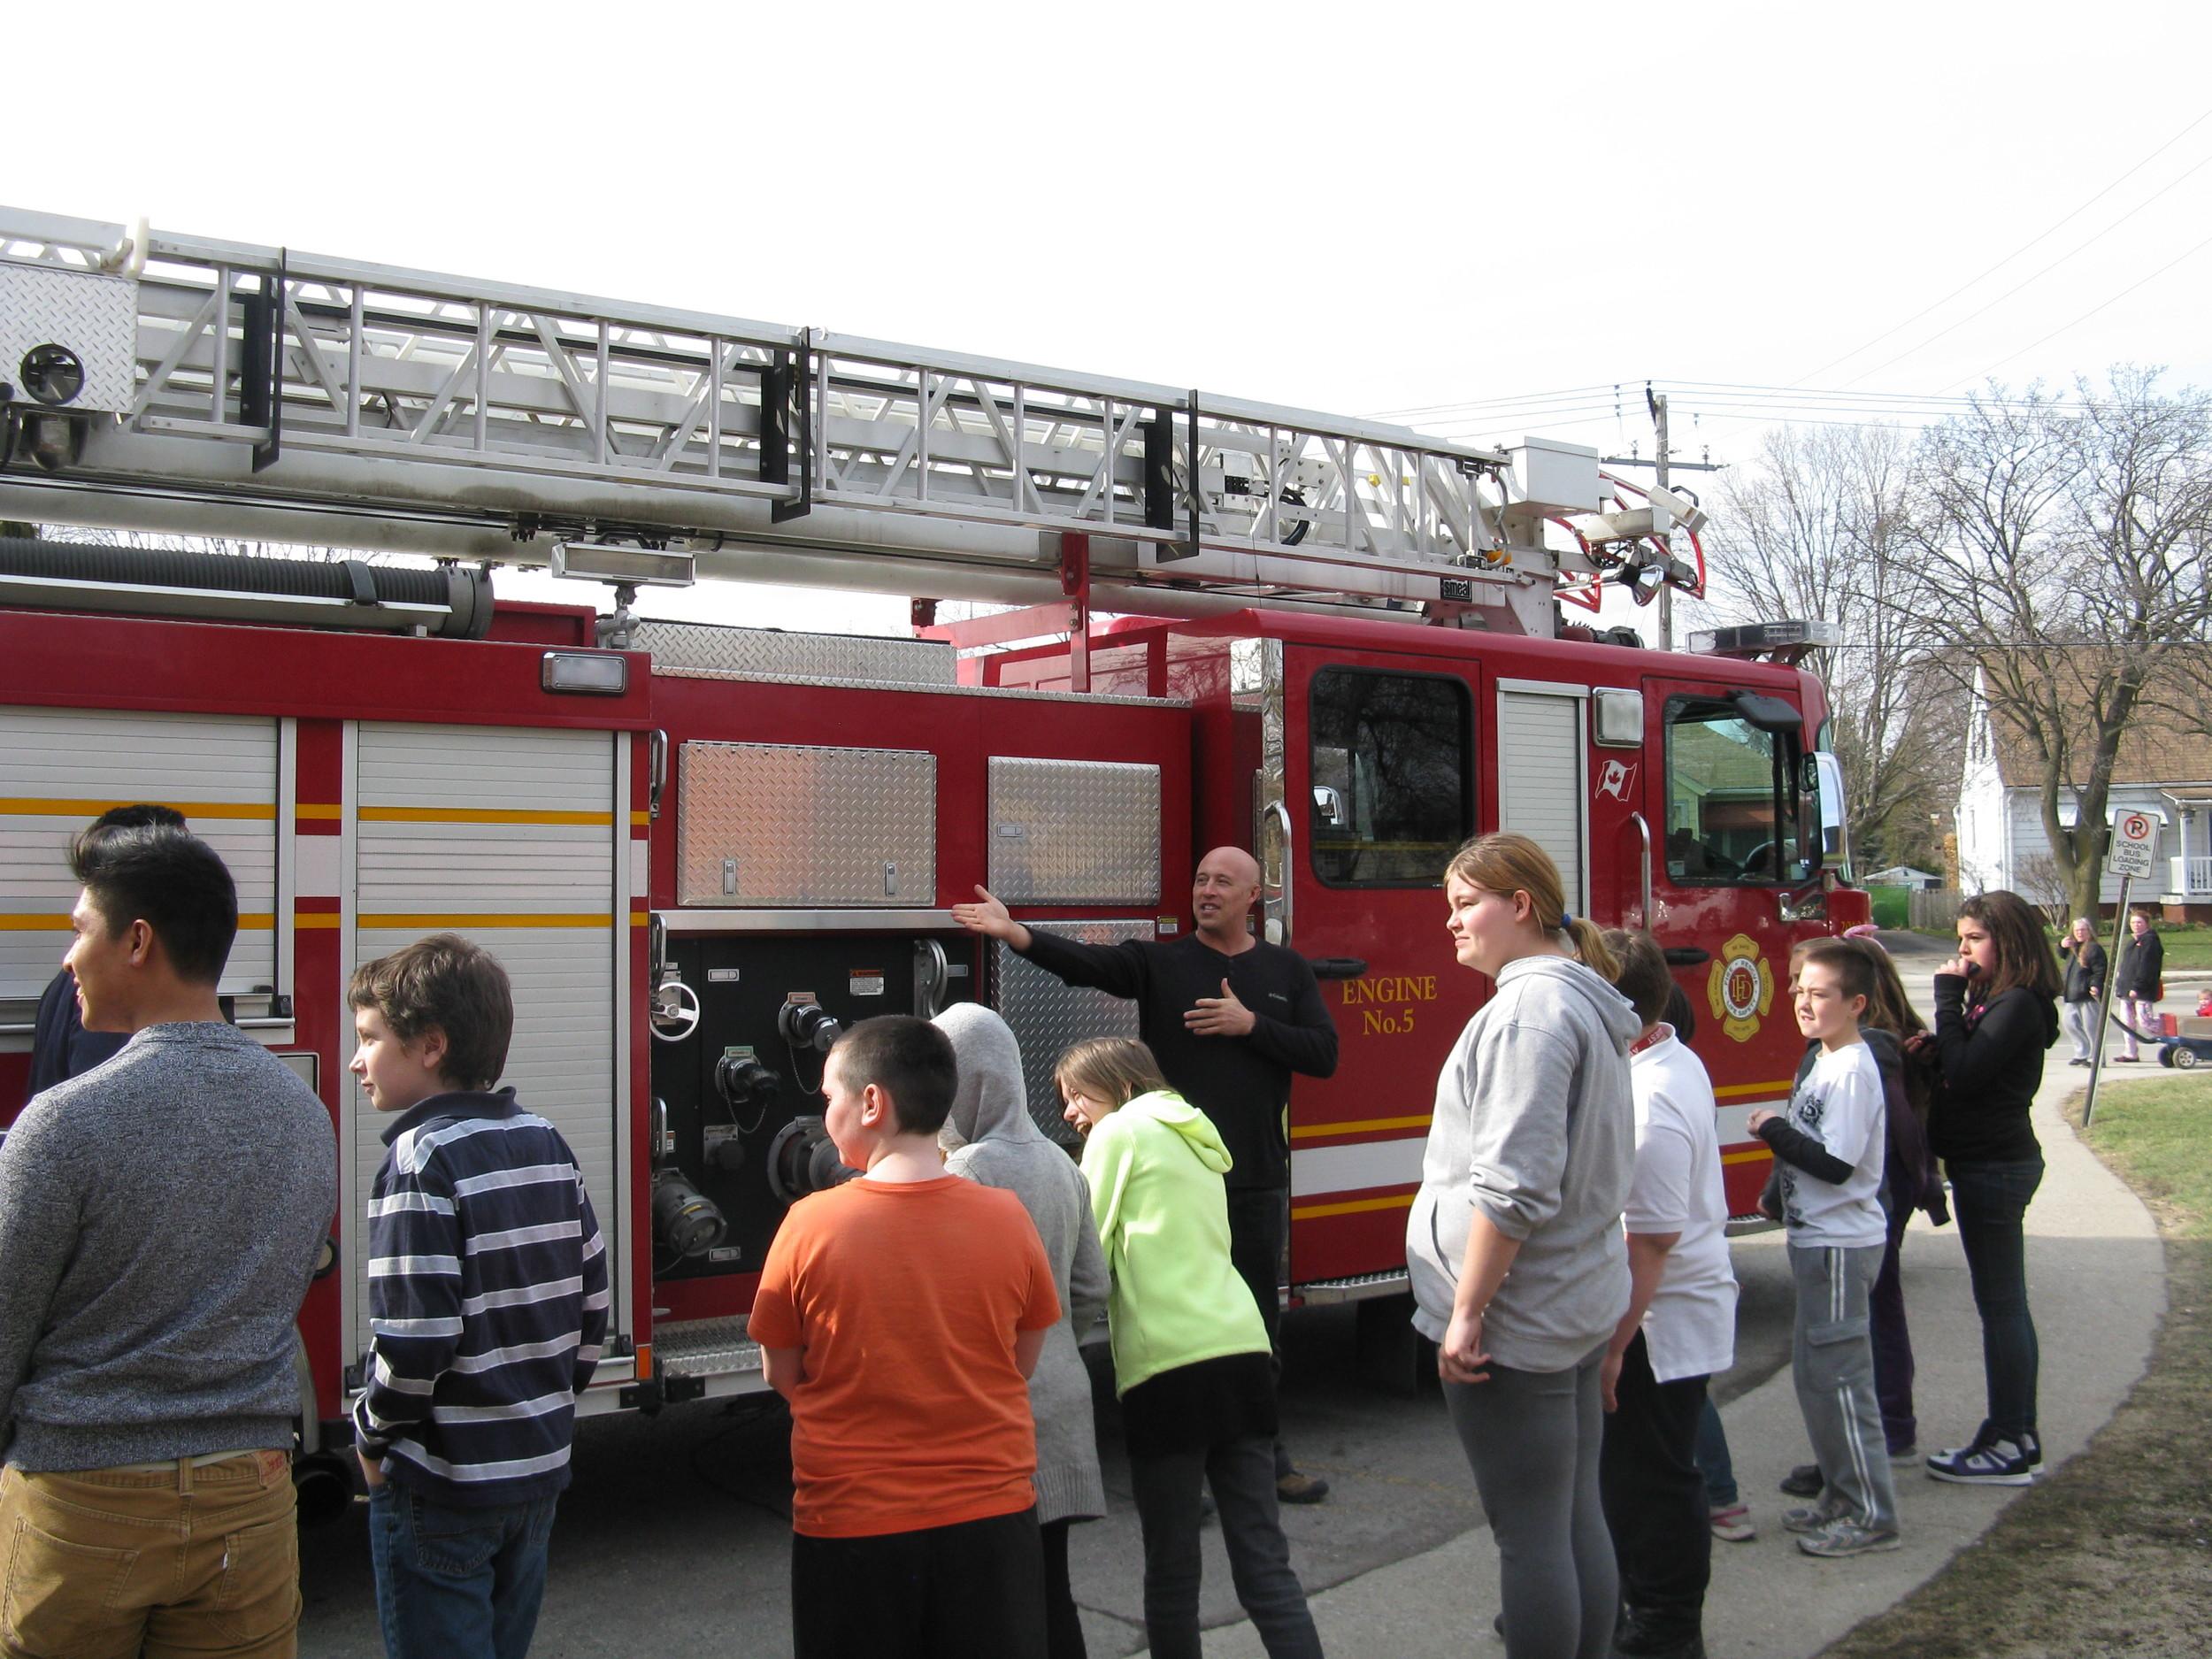 Fire Engine No. 5